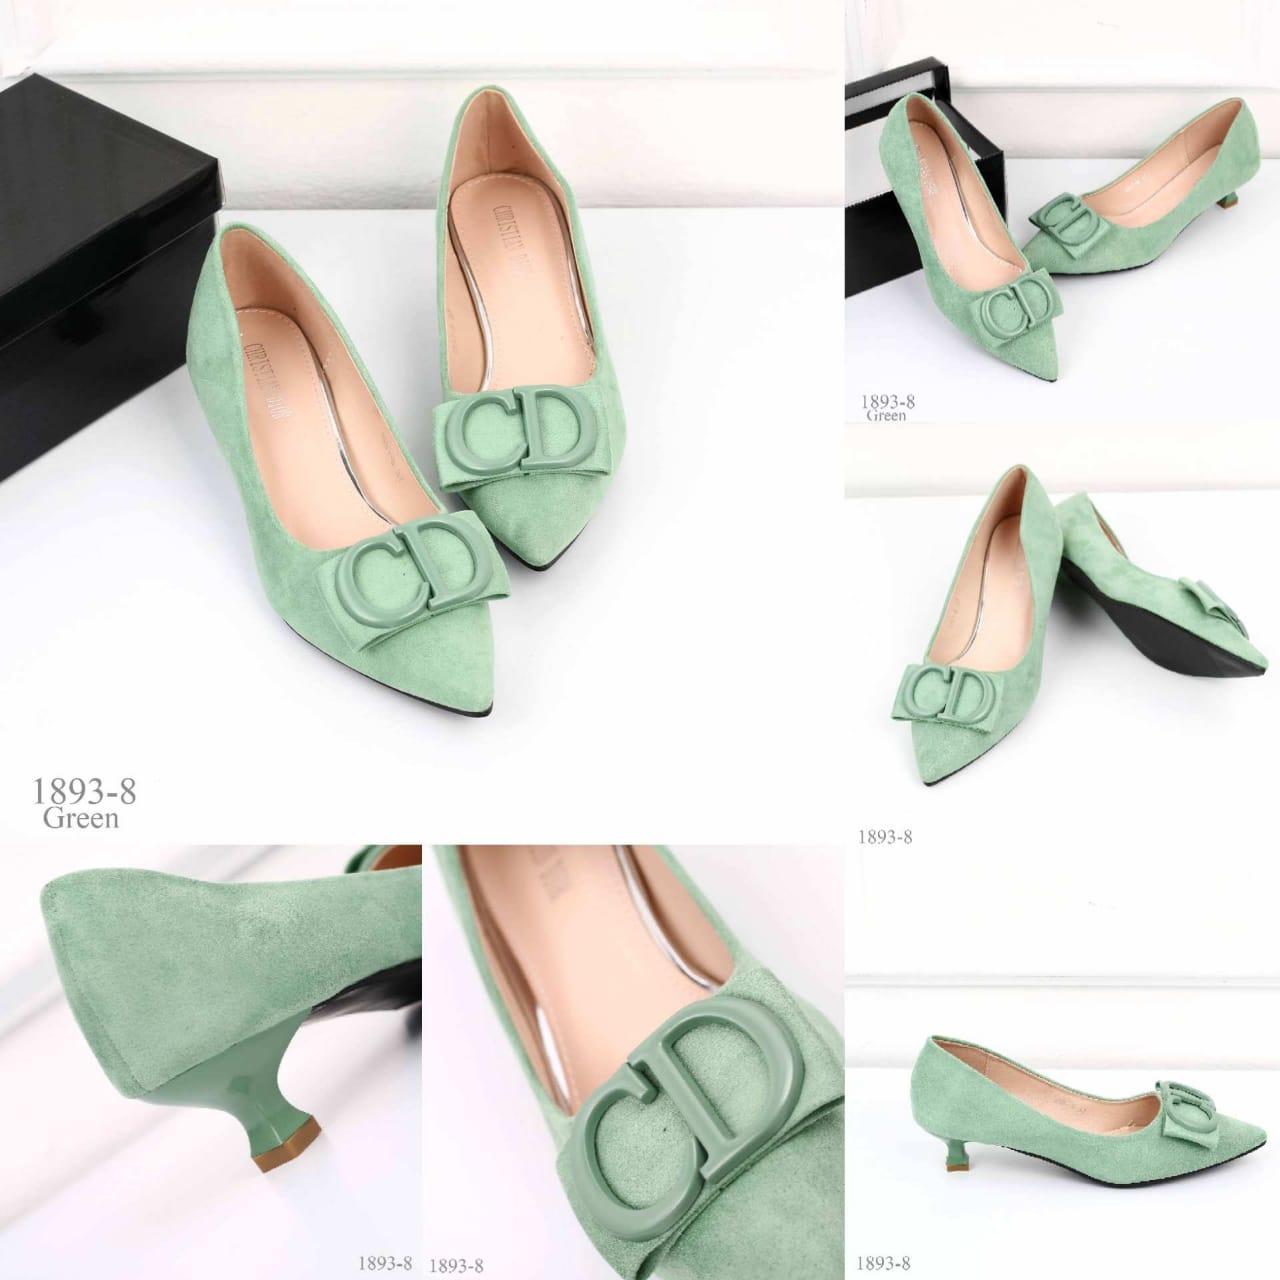 sepatu murah berkualitas 2020 1893-8PN jual sepatu flat wanita,jual sepatu high heels,jual sepatu hak tinggi